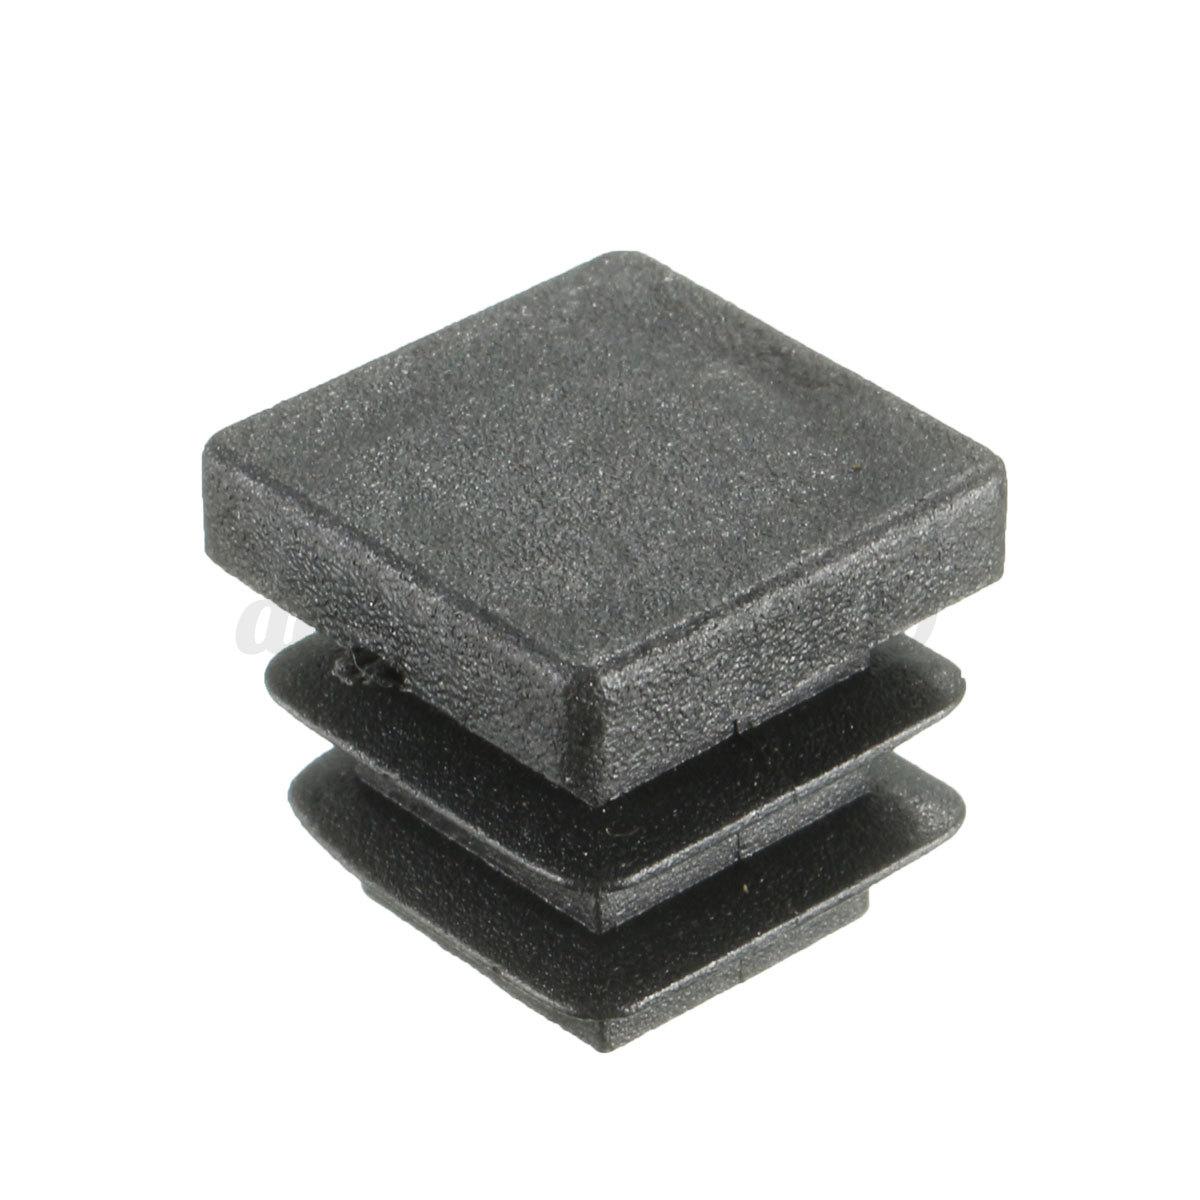 Pcs plastic black blanking end cap square inserts plug